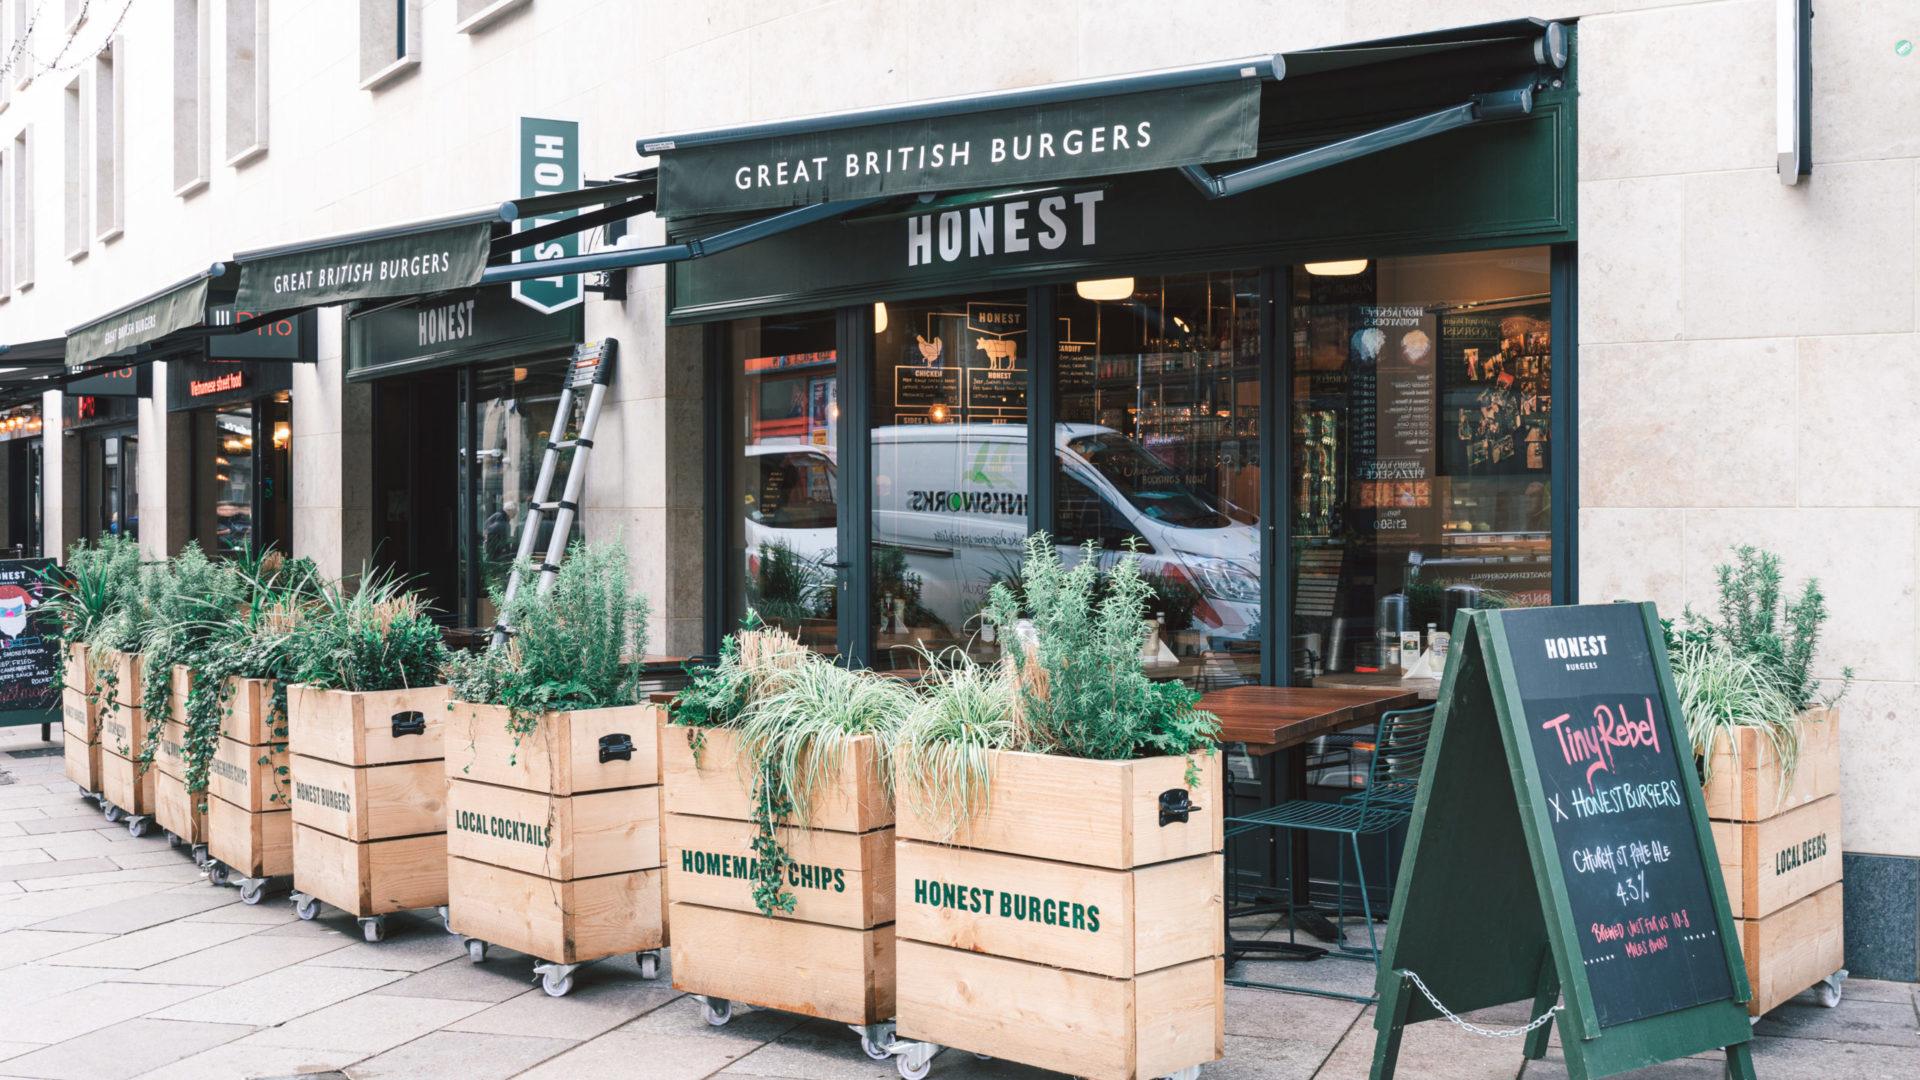 honest-burgers-cardiff-034